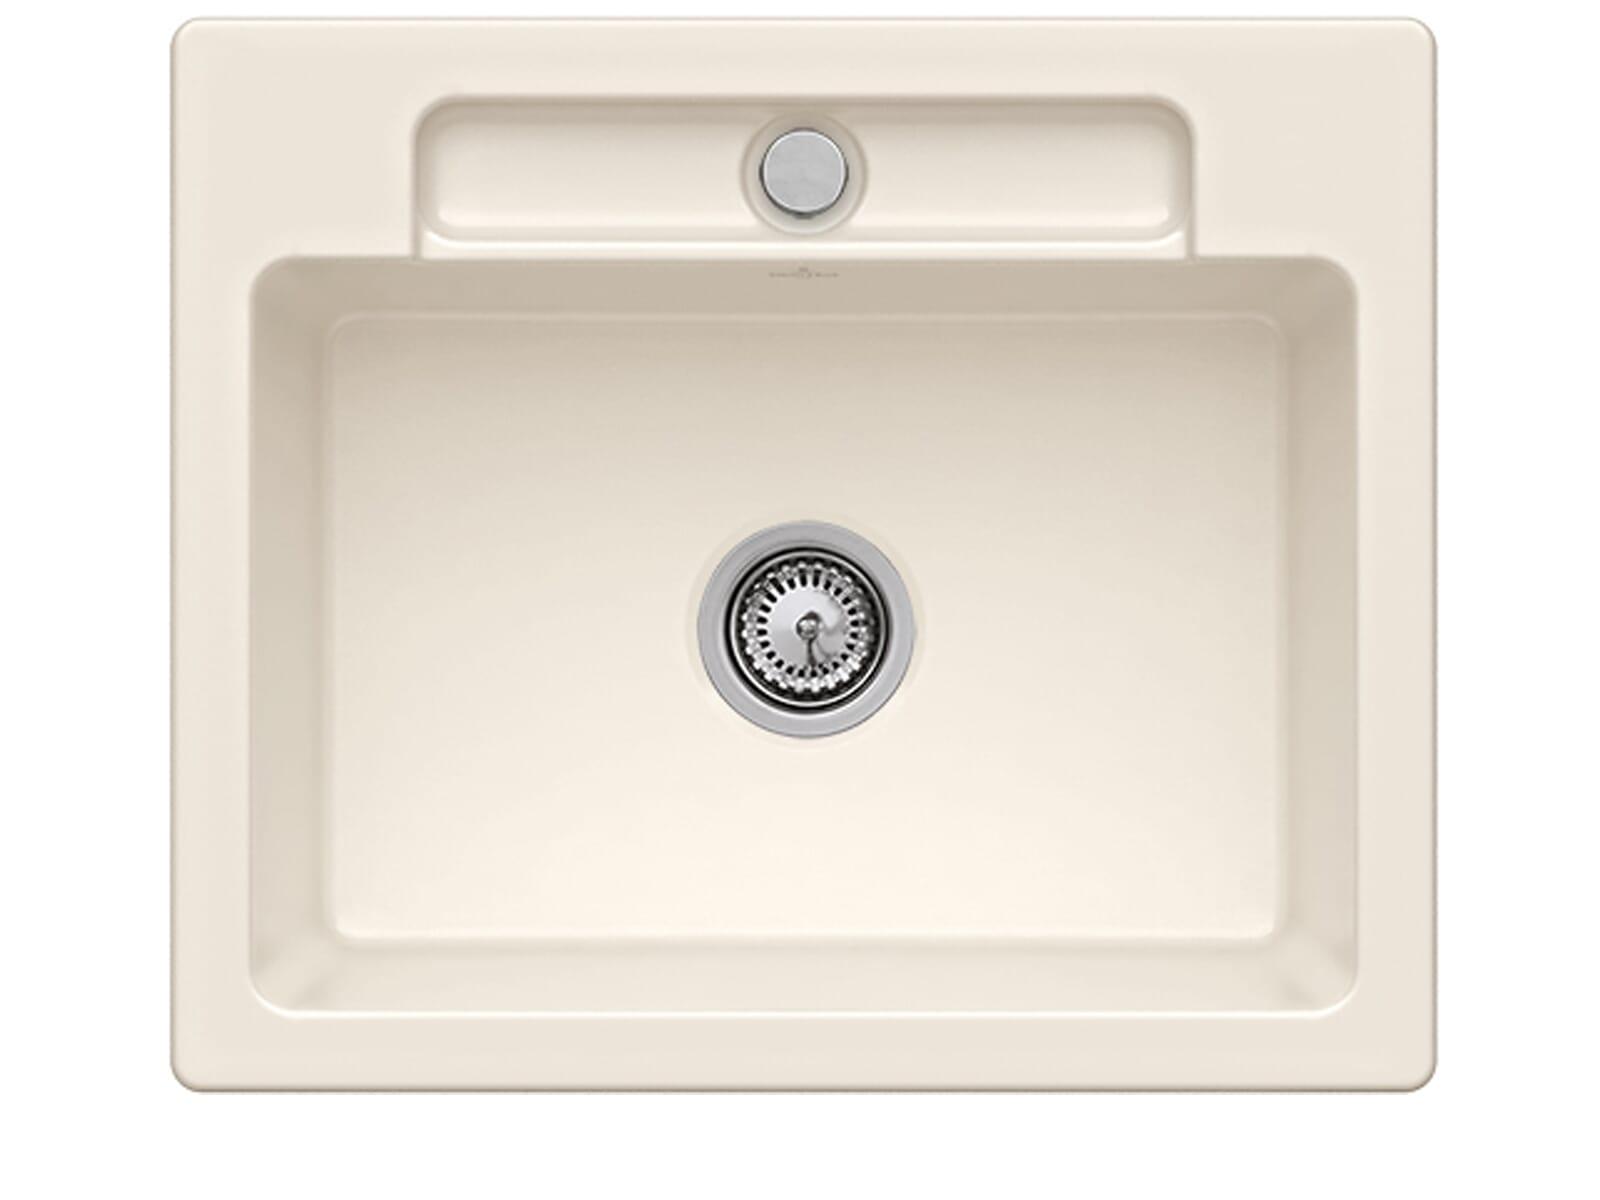 Villeroy & Boch Siluet 60 S Crema – 3346 01 KR Keramikspüle Handbetätigung